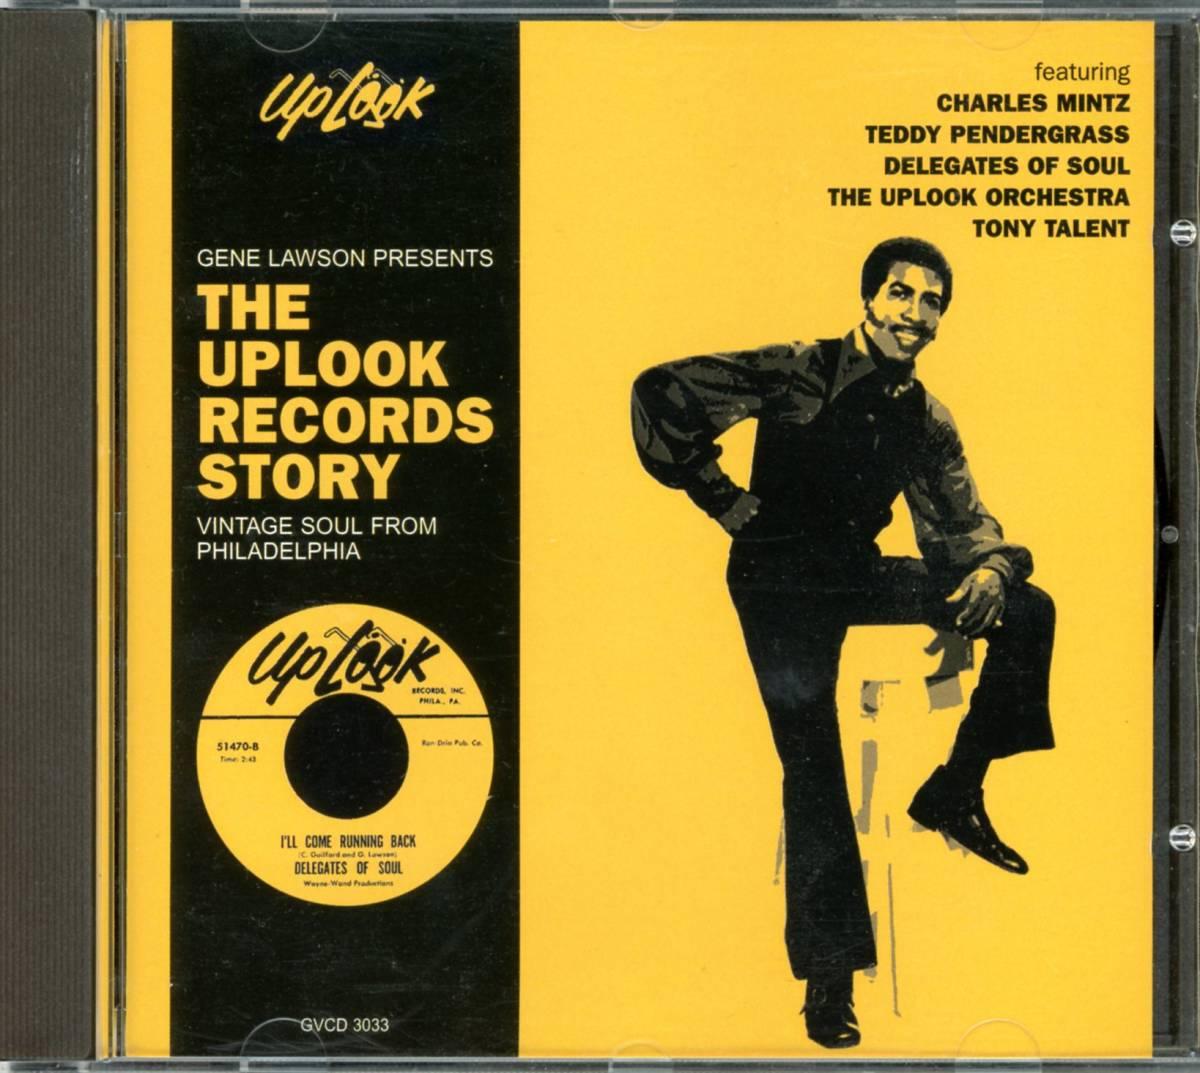 フィリーソウル■V.A. / THE UPLOOK RECORDS STORY (2007) 廃盤 レア音源多数収録!!